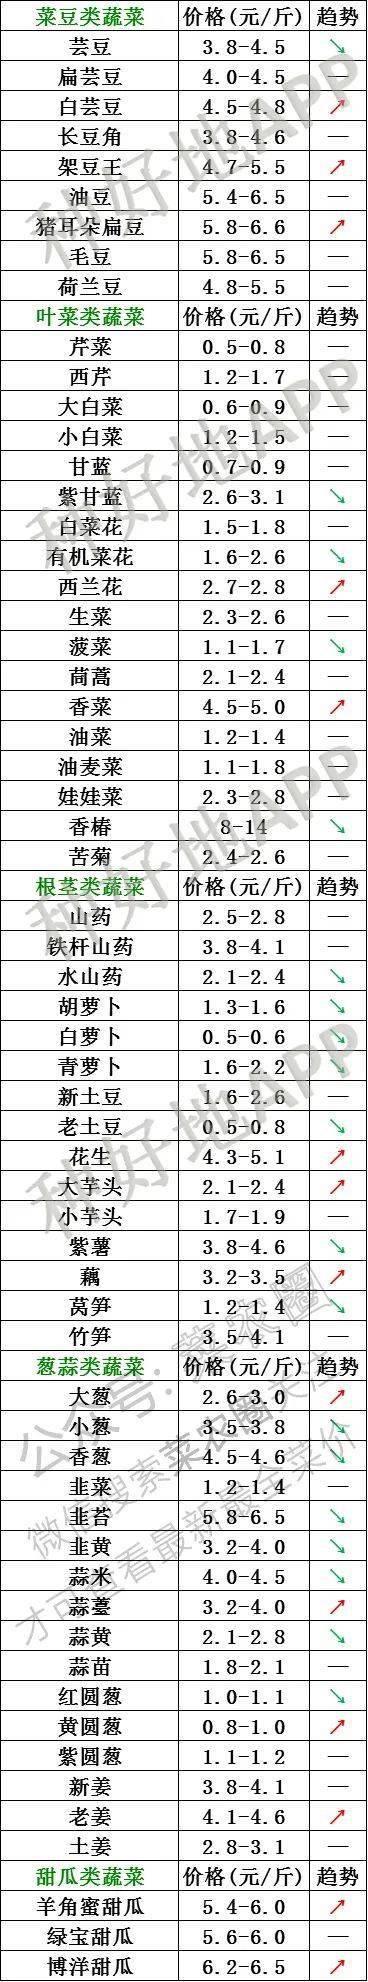 2021年4月1日北京新发地,山东寿光,云南,河北石家庄蔬菜价格行情一览表